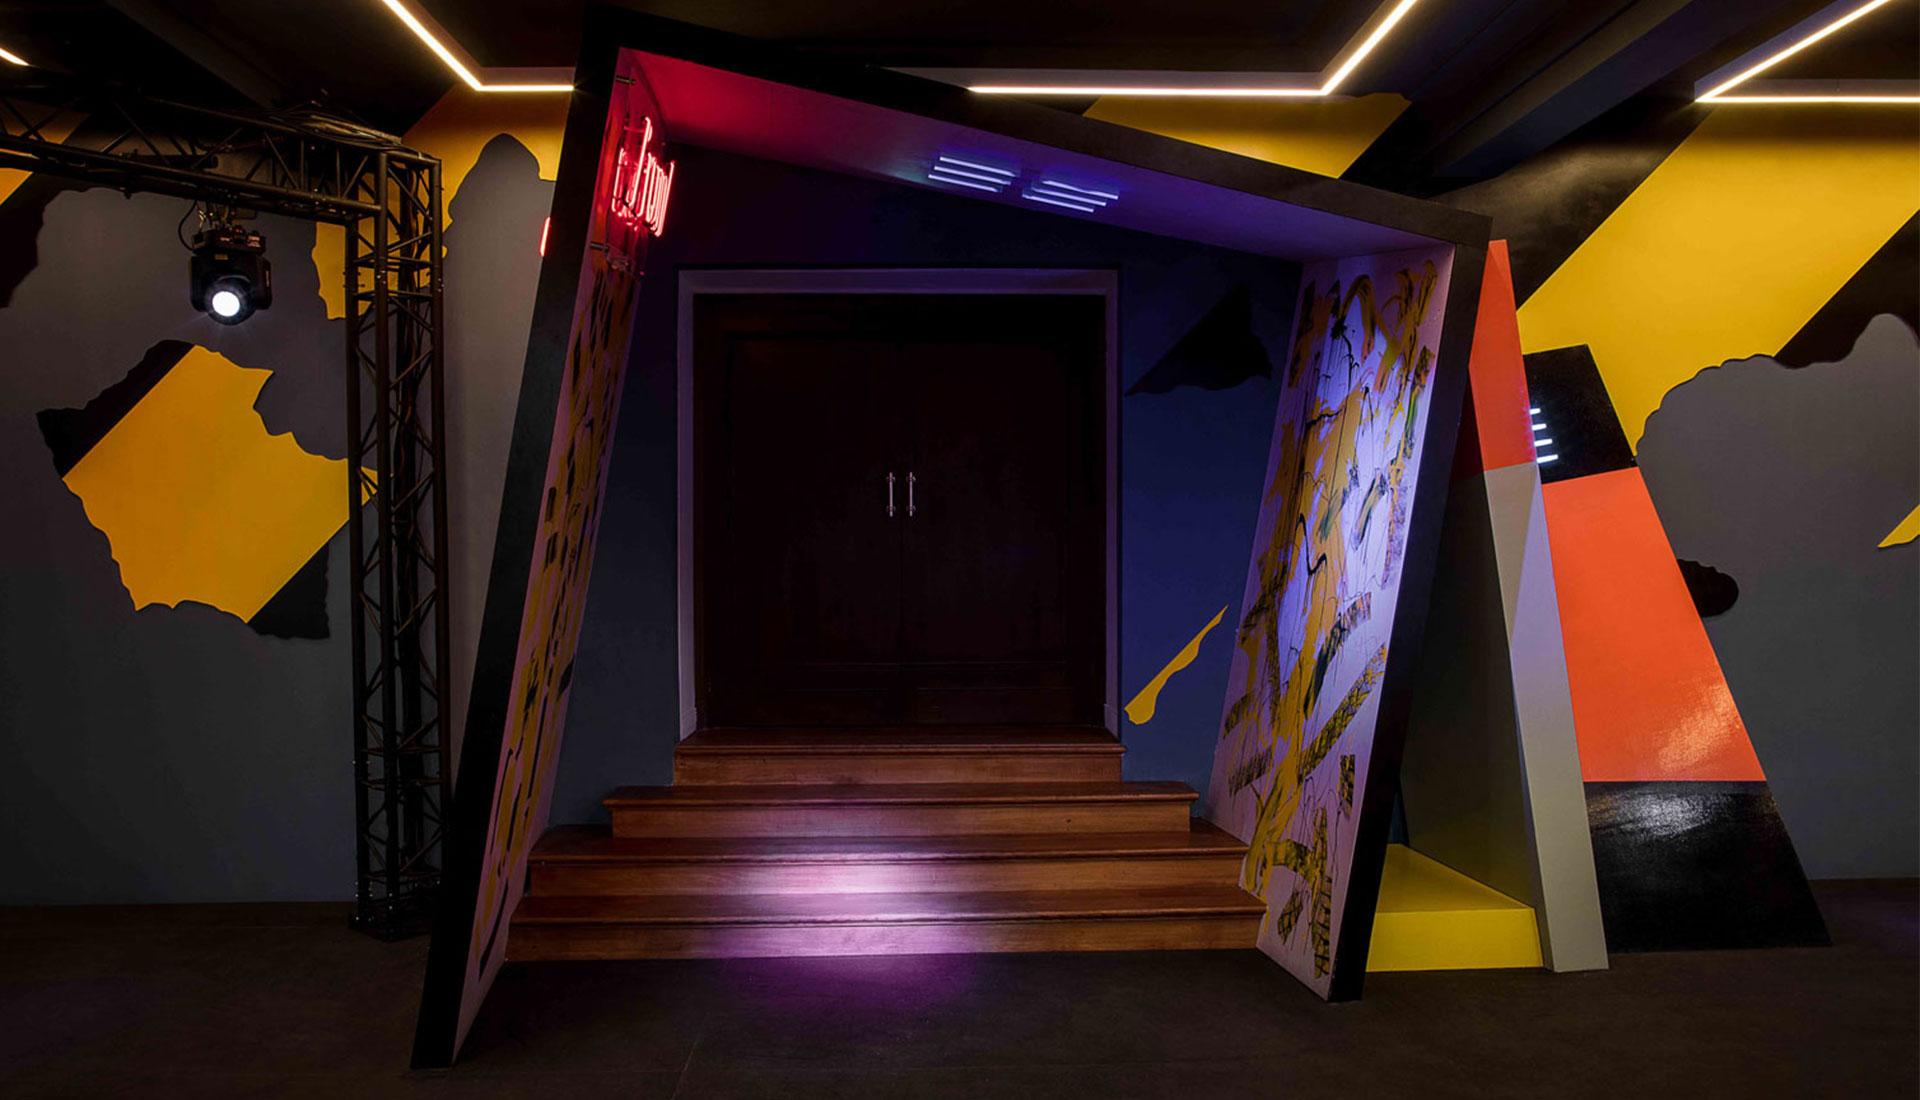 Вирджил Абло и Бен Келли: ночной клуб в парижском театре